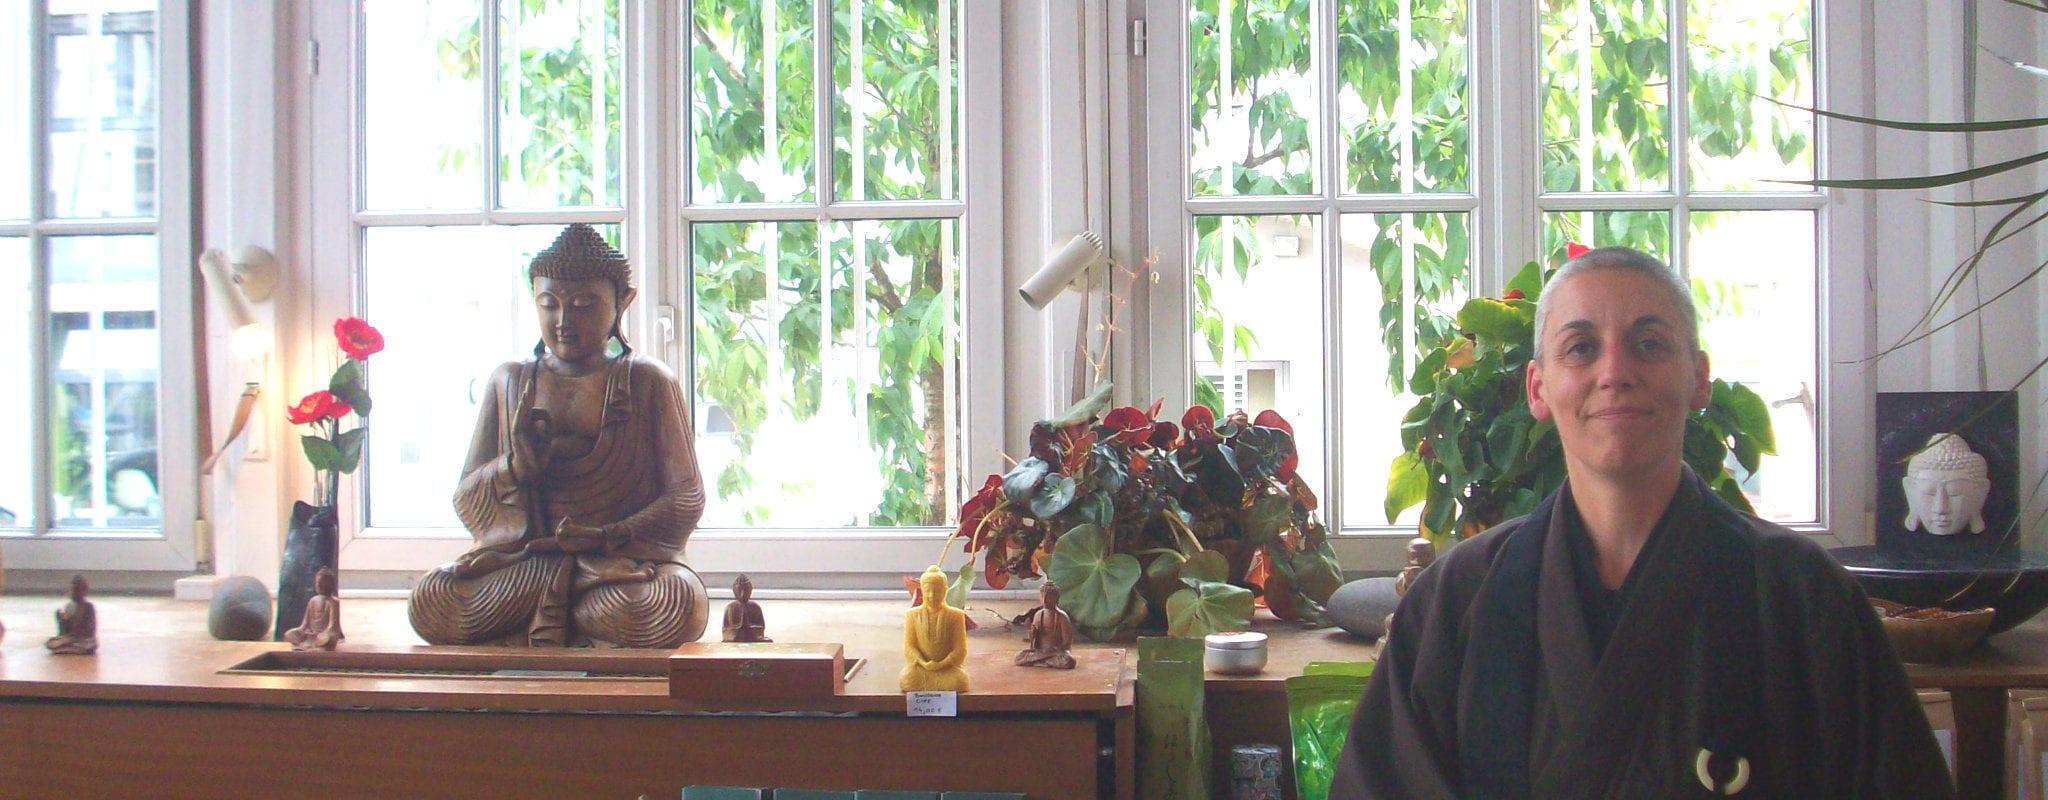 Kankyo Tannier, la nonne bouddhiste 2.0 qui sème des graines de zen